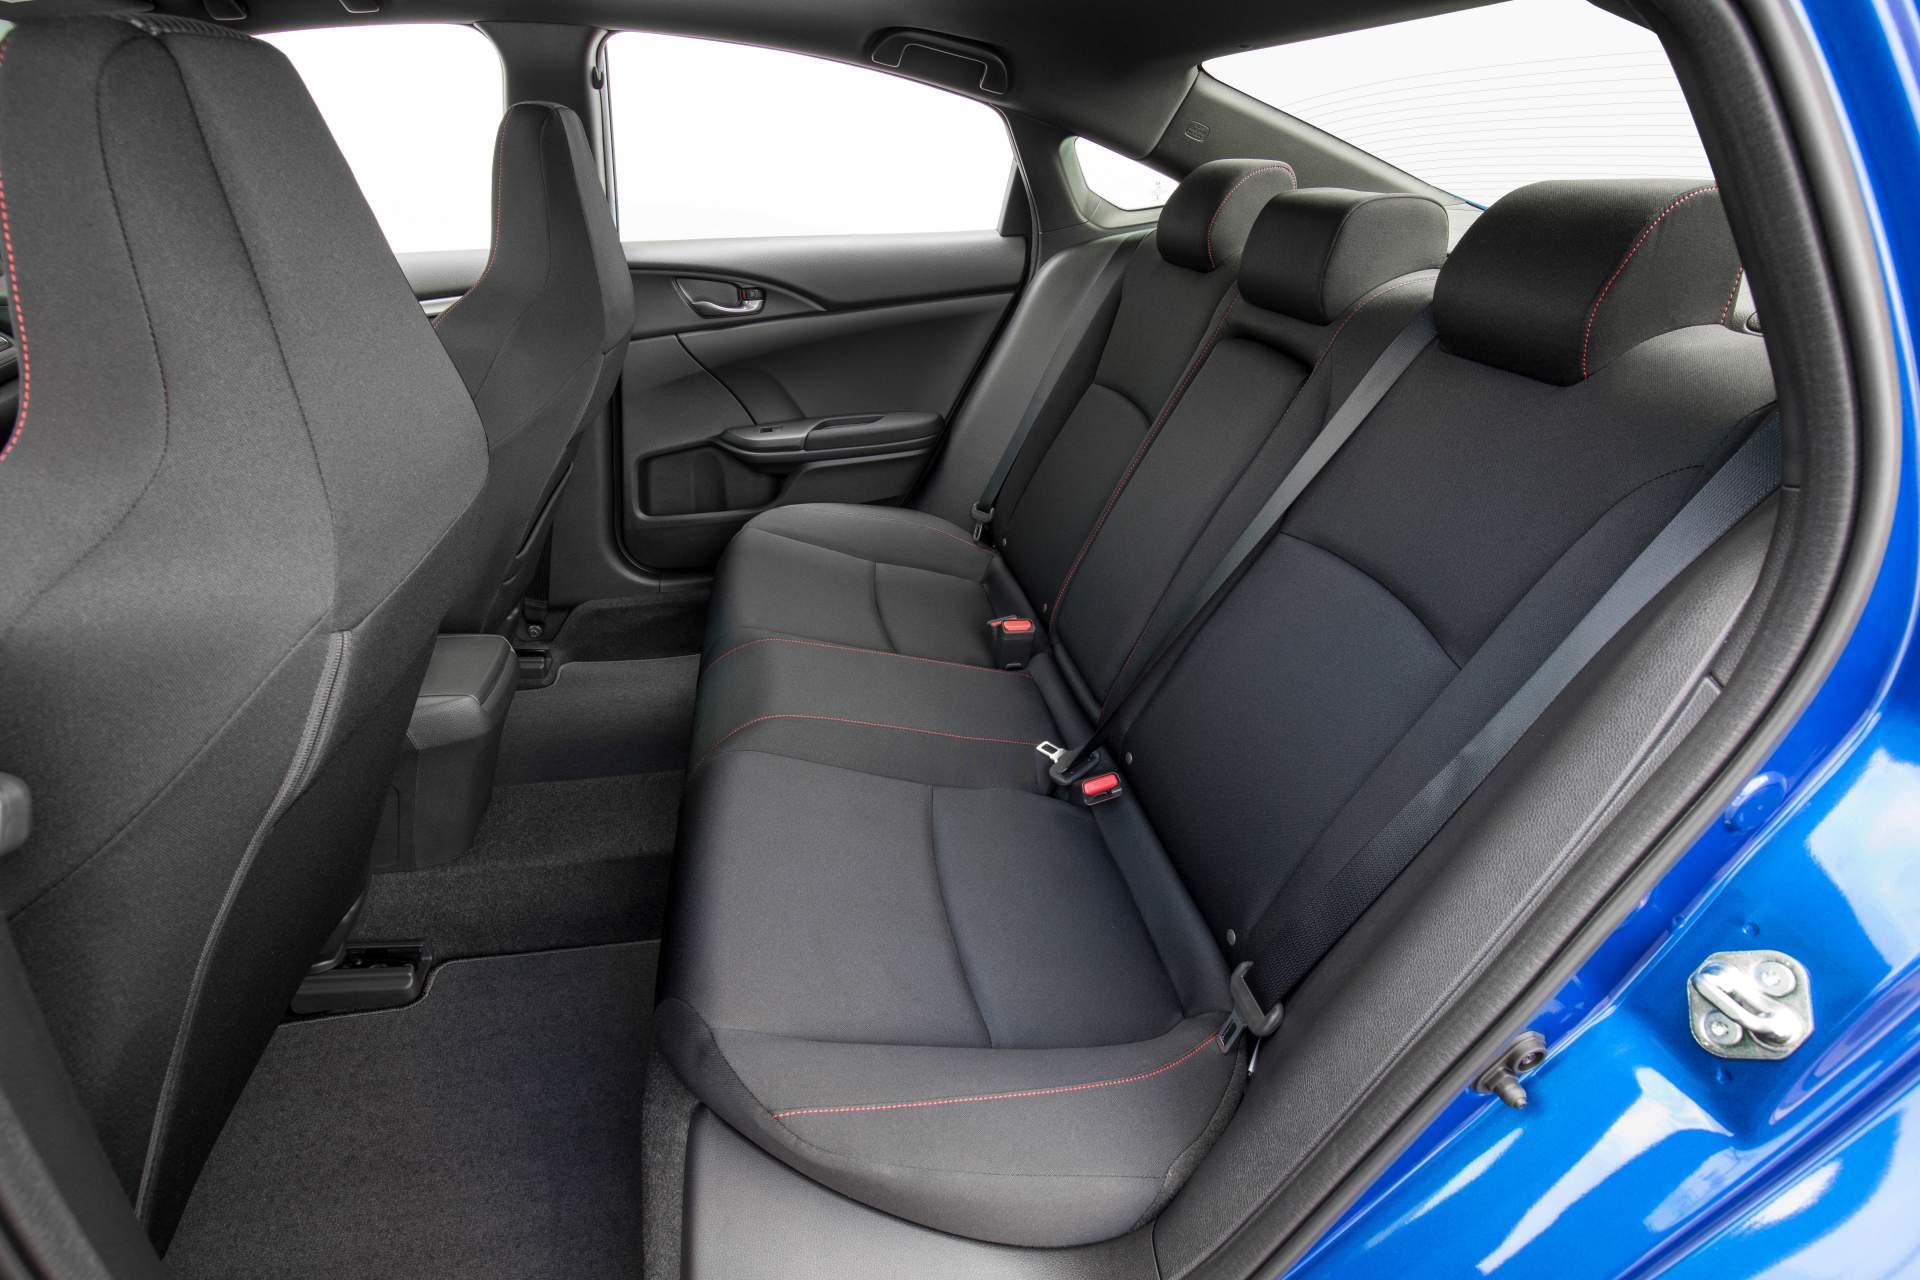 2019 Honda Civic Si Arriving At Dealerships This November ...